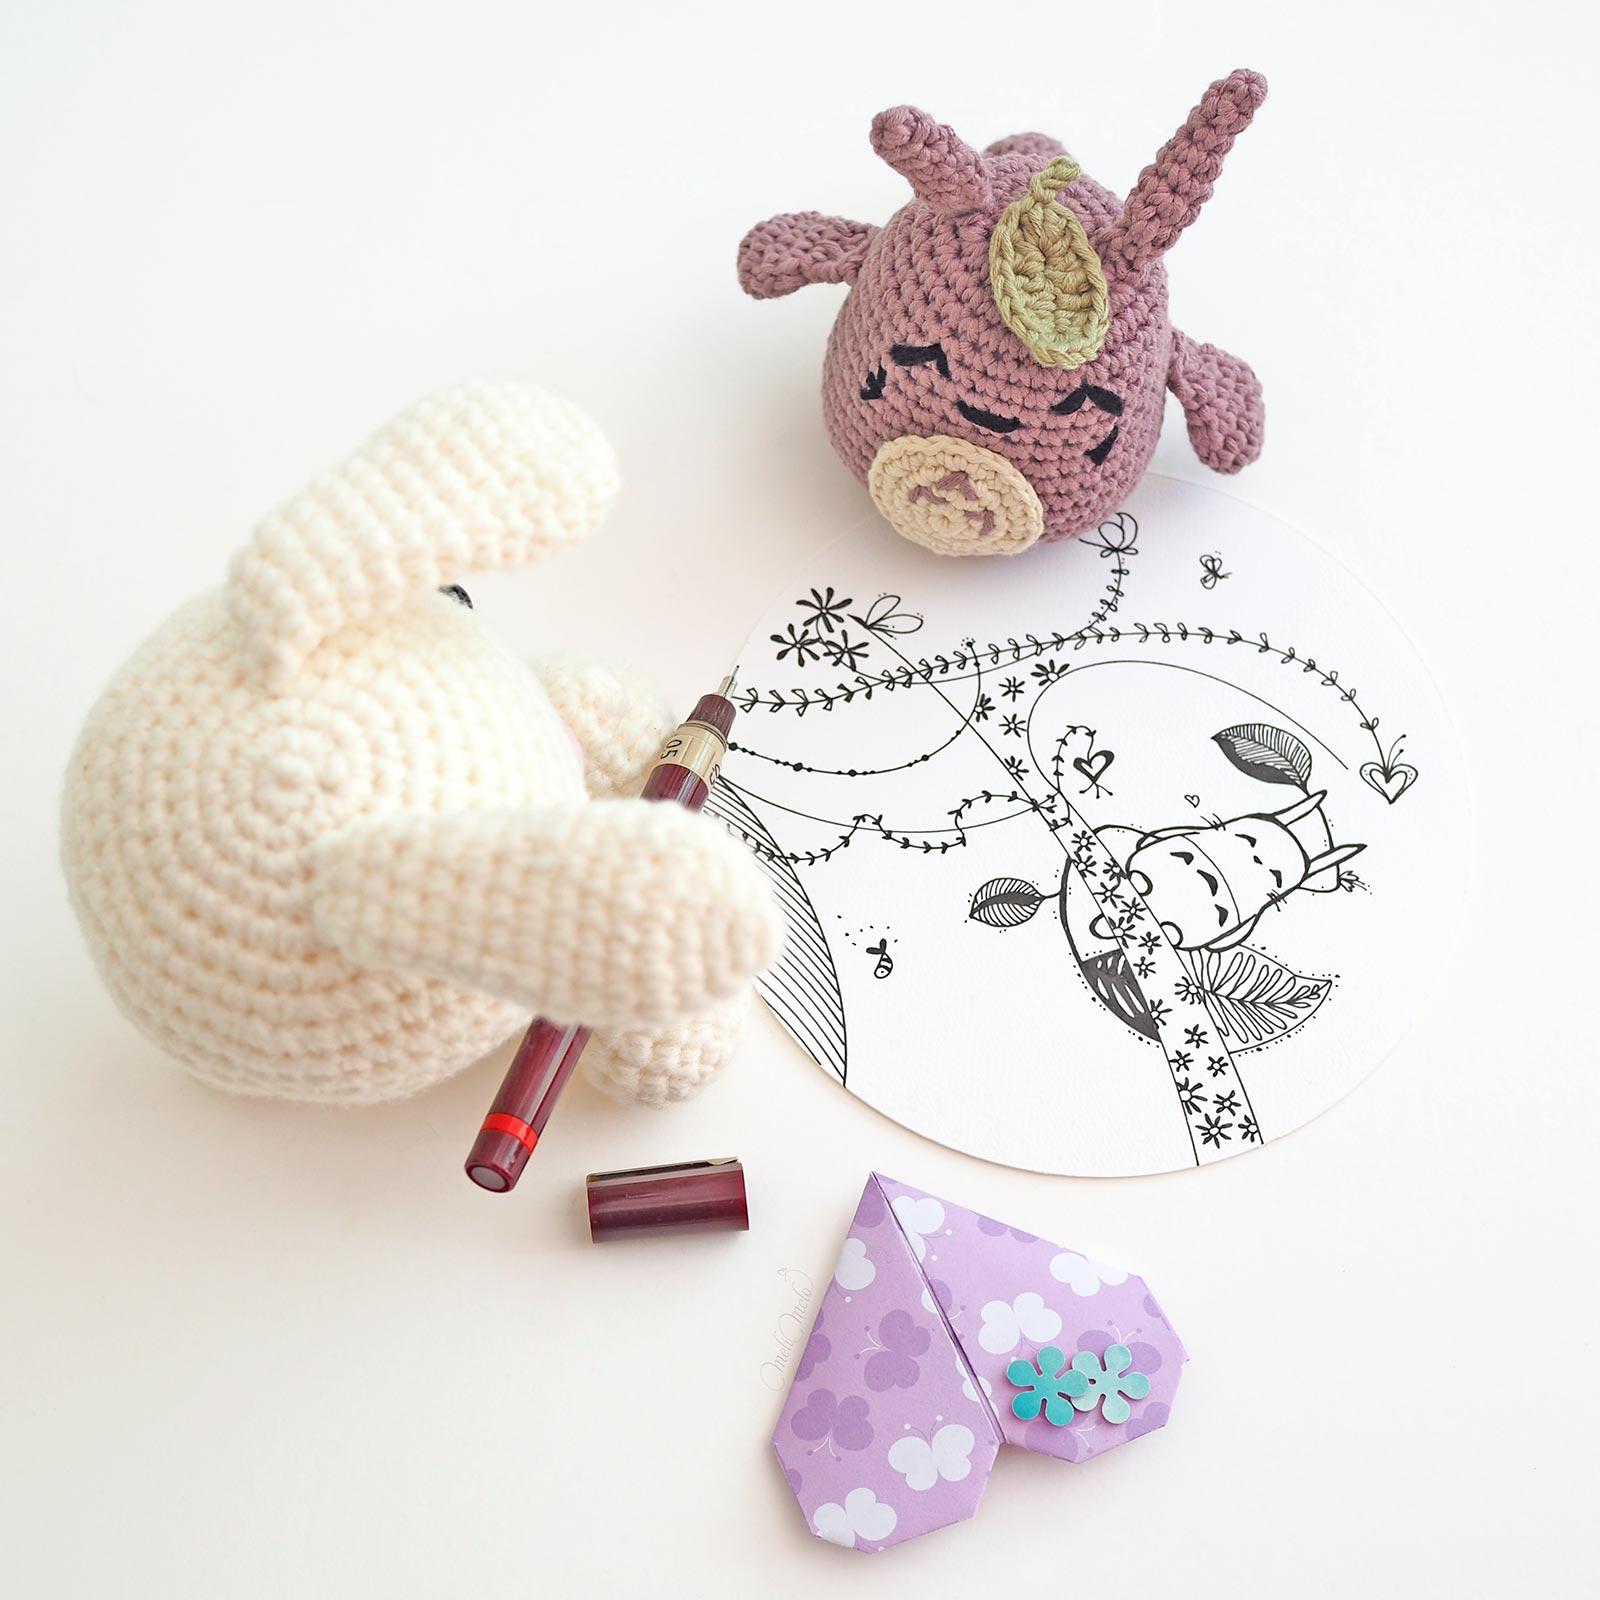 illustration encre chine Totoro et Petit lapin au crochet coeur origami laboutiquedemelimelo